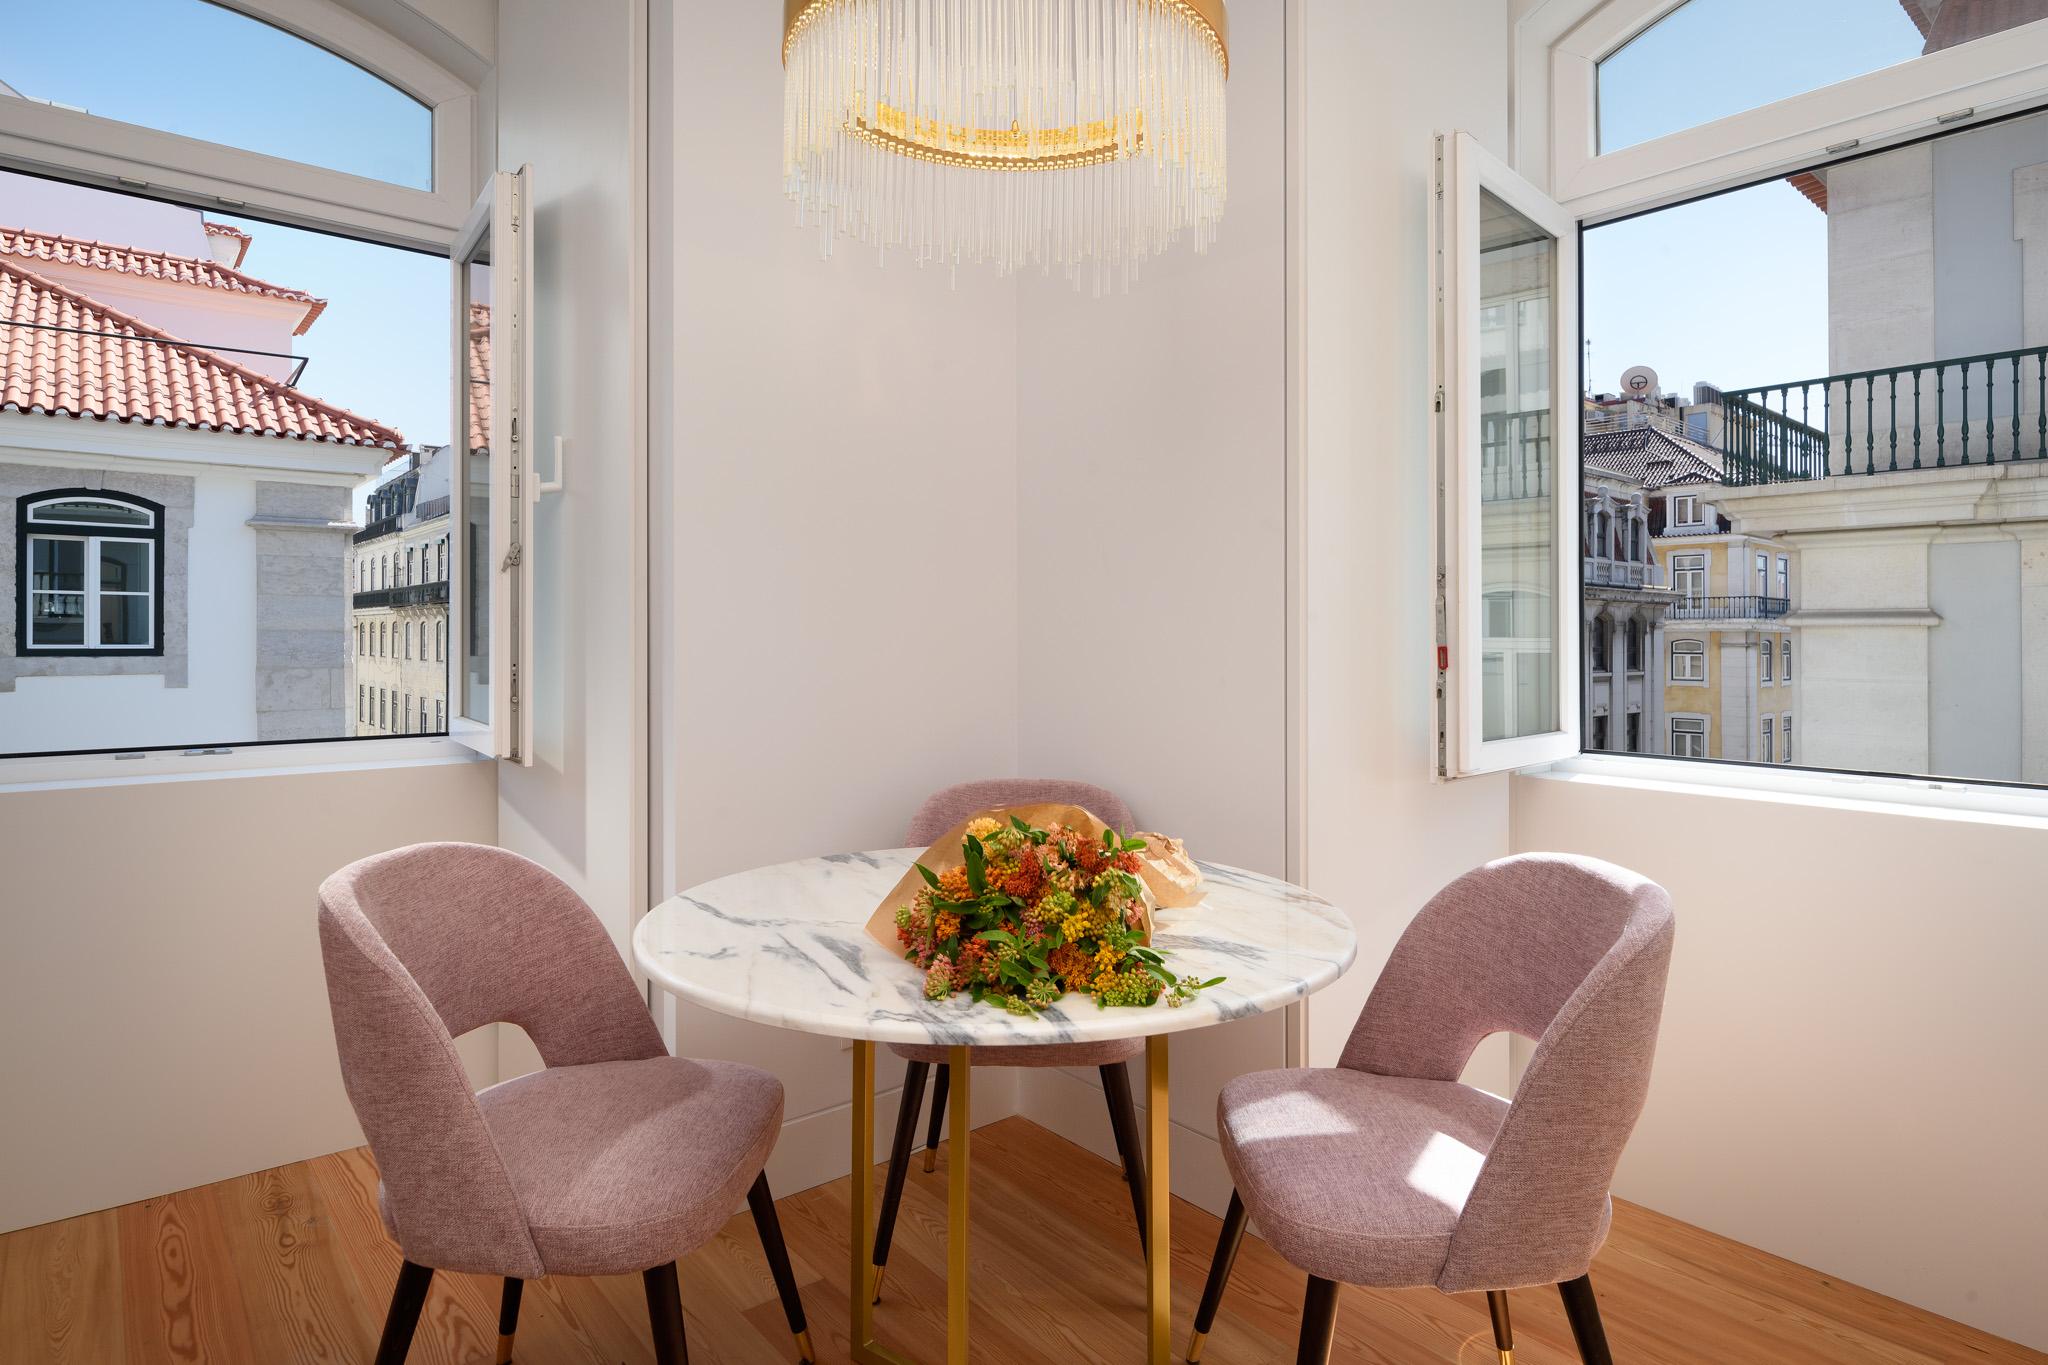 10-3G - living room.jpg